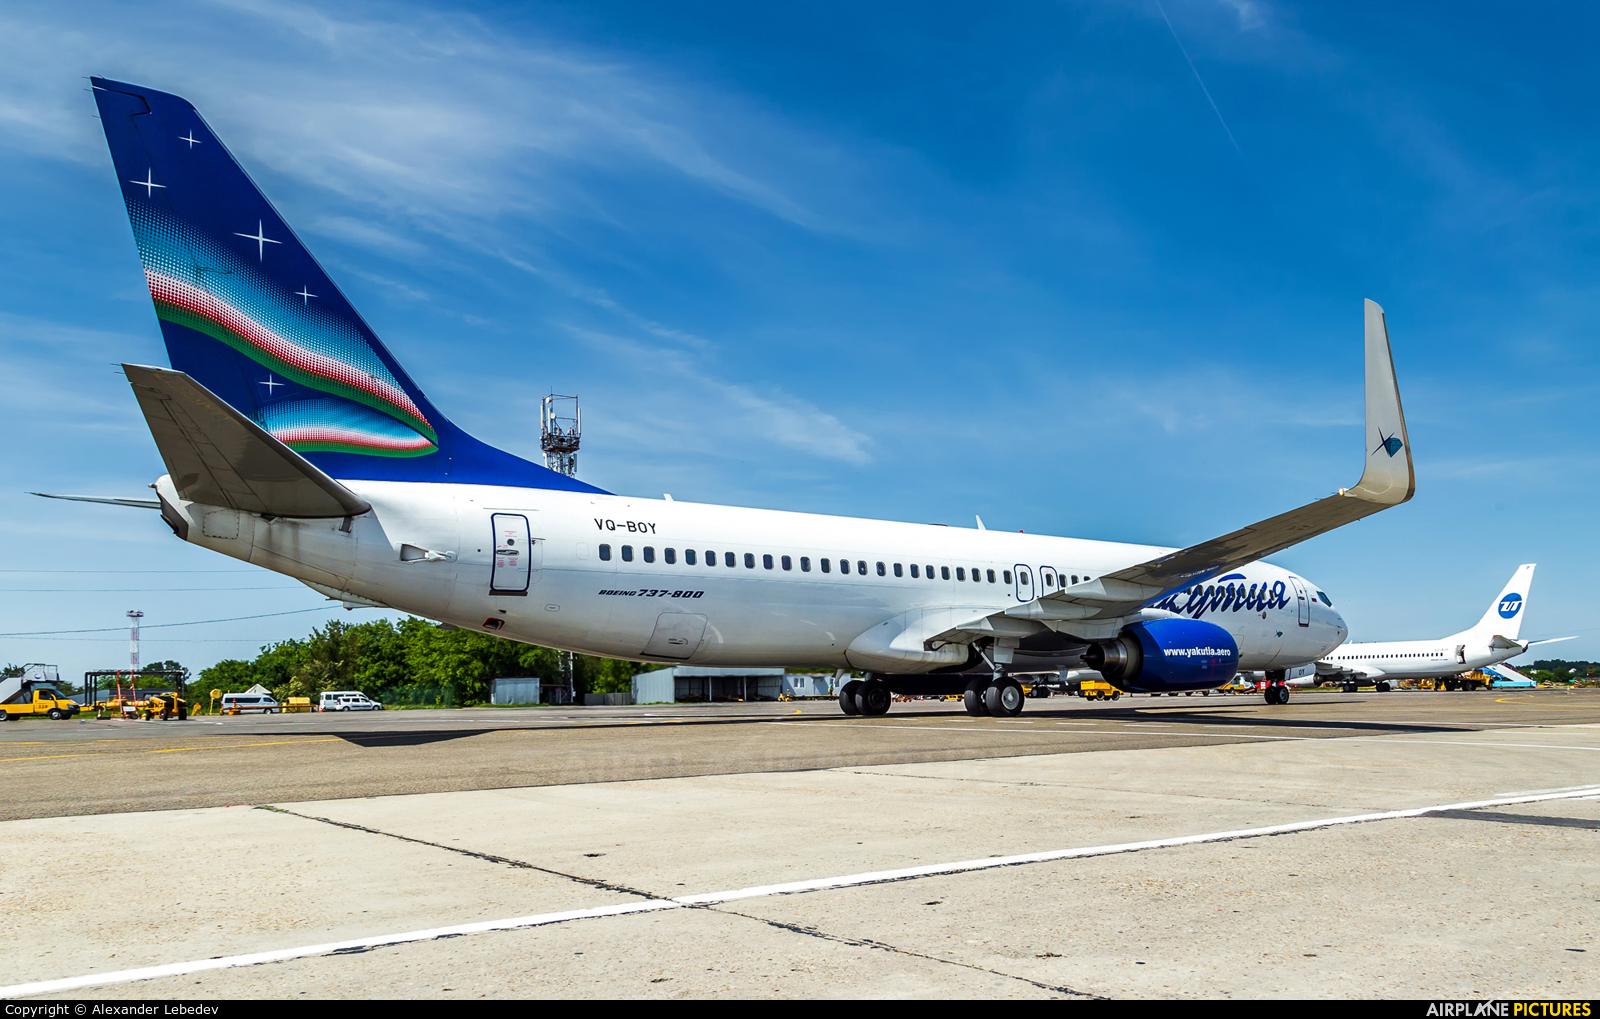 Yakutia Airlines VQ-BOY aircraft at Krasnodar